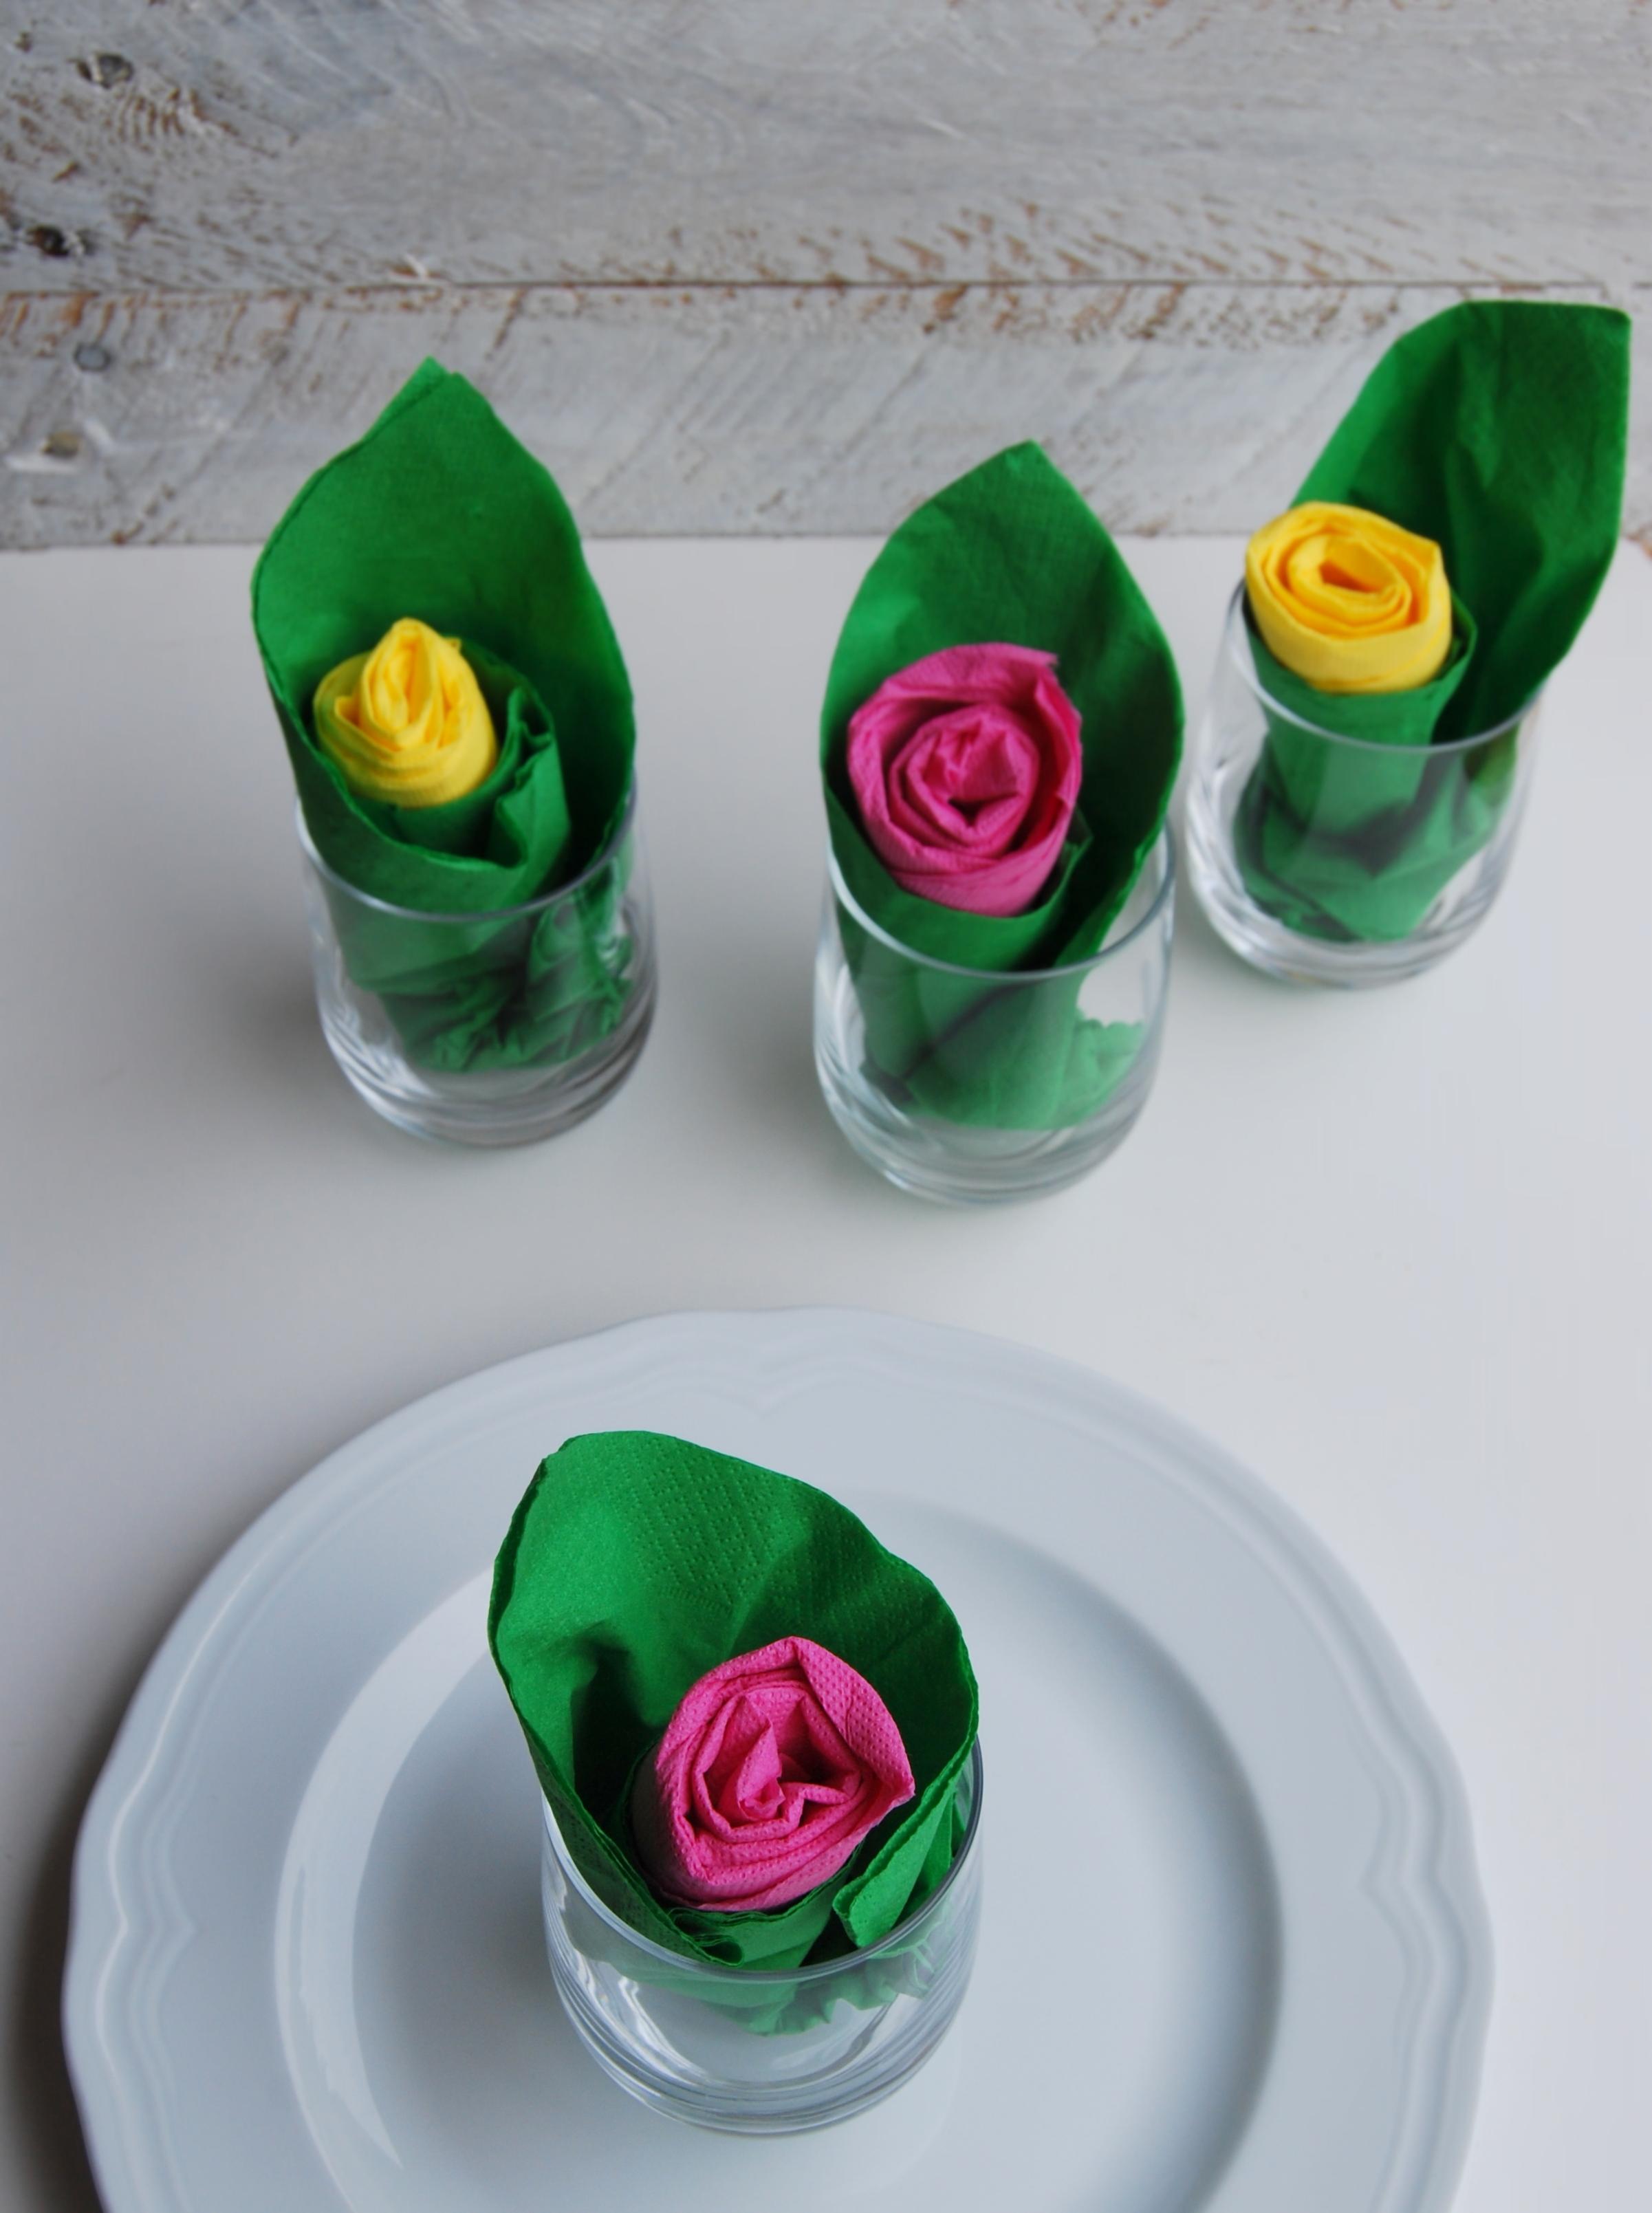 Piegare Tovaglioli A Rosa.Piegare I Tovaglioli A Forma Di Rosa Cuocaxamore